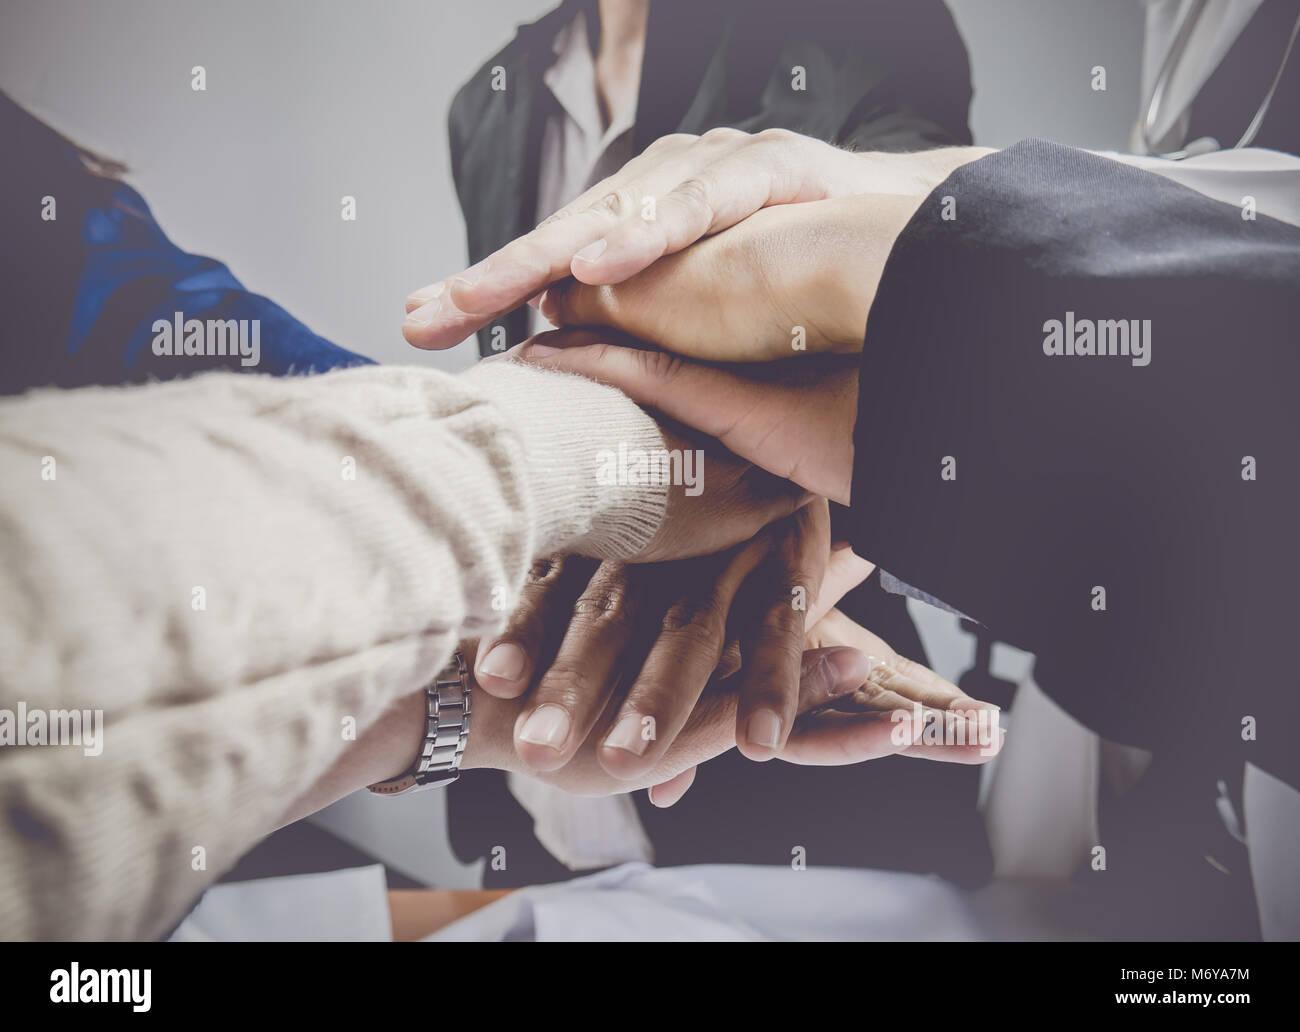 Gruppo di imprese con le mani insieme.Il lavoro di squadra e di concetto Il concetto di business. Immagini Stock